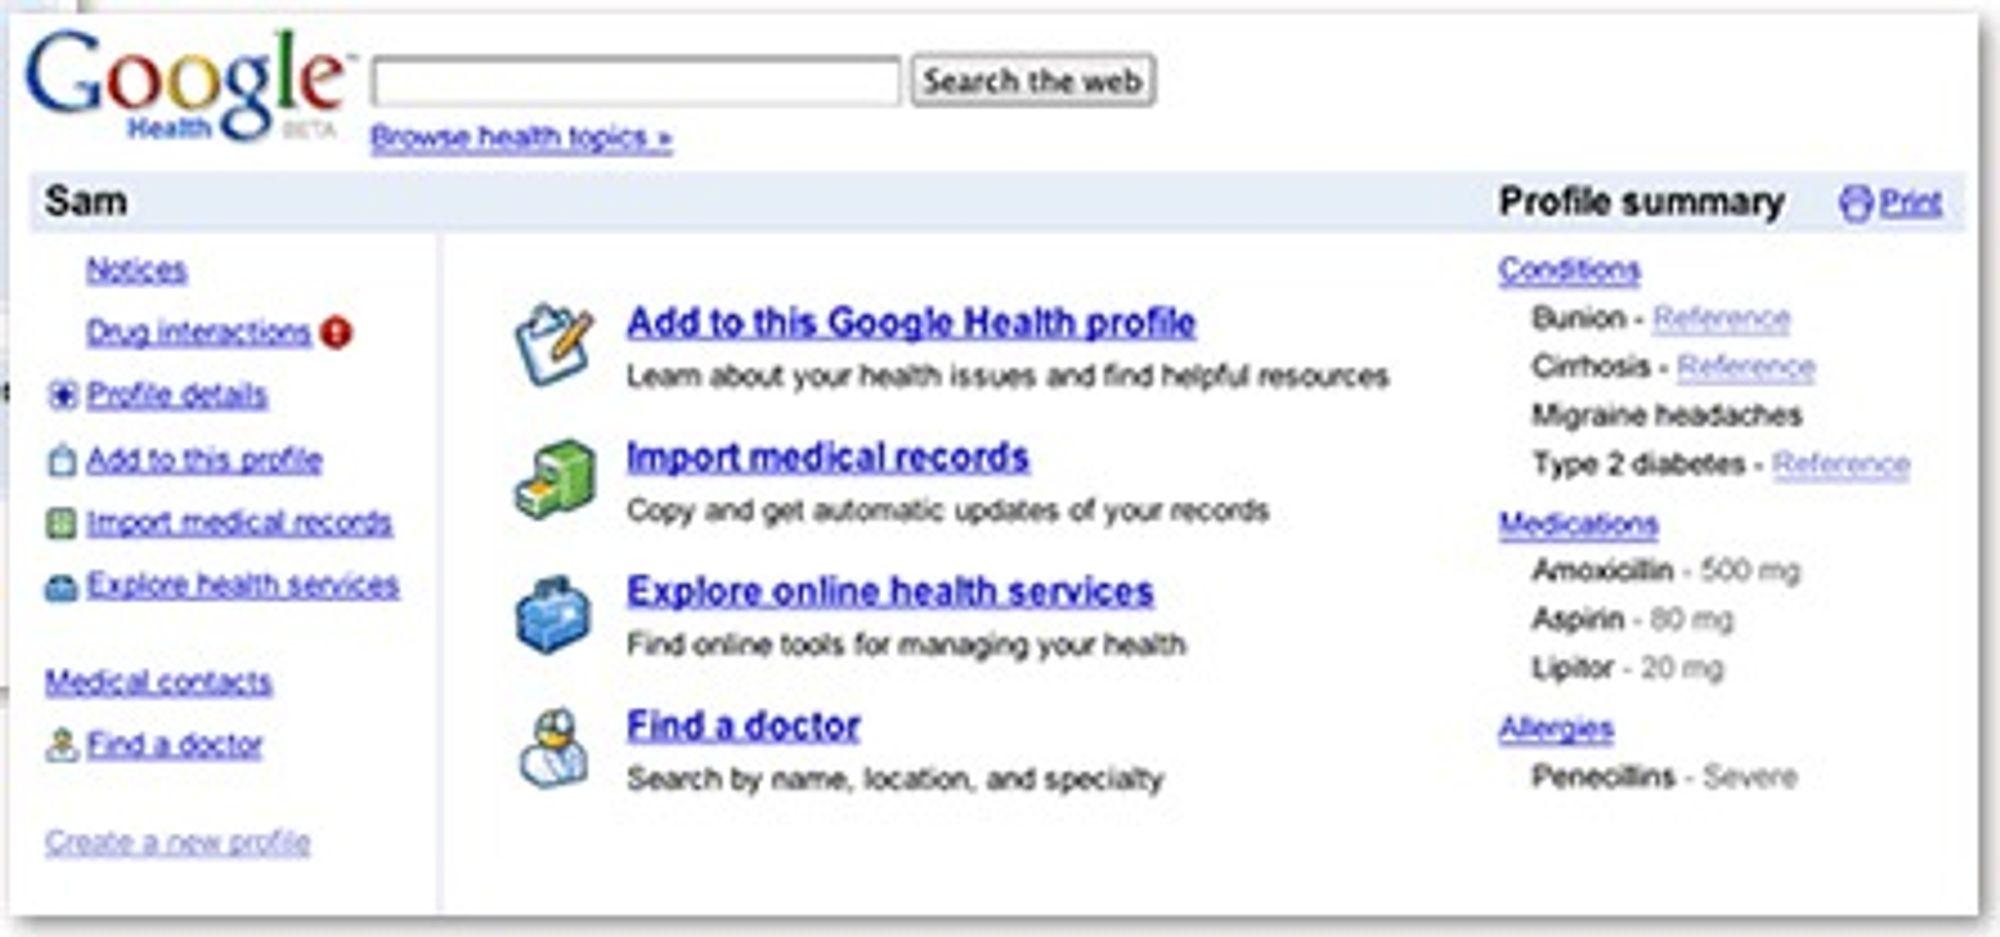 Åpningsbildet i Google Health kommer etter en pålogging av samme type som på e-posttjenesten Gmail.